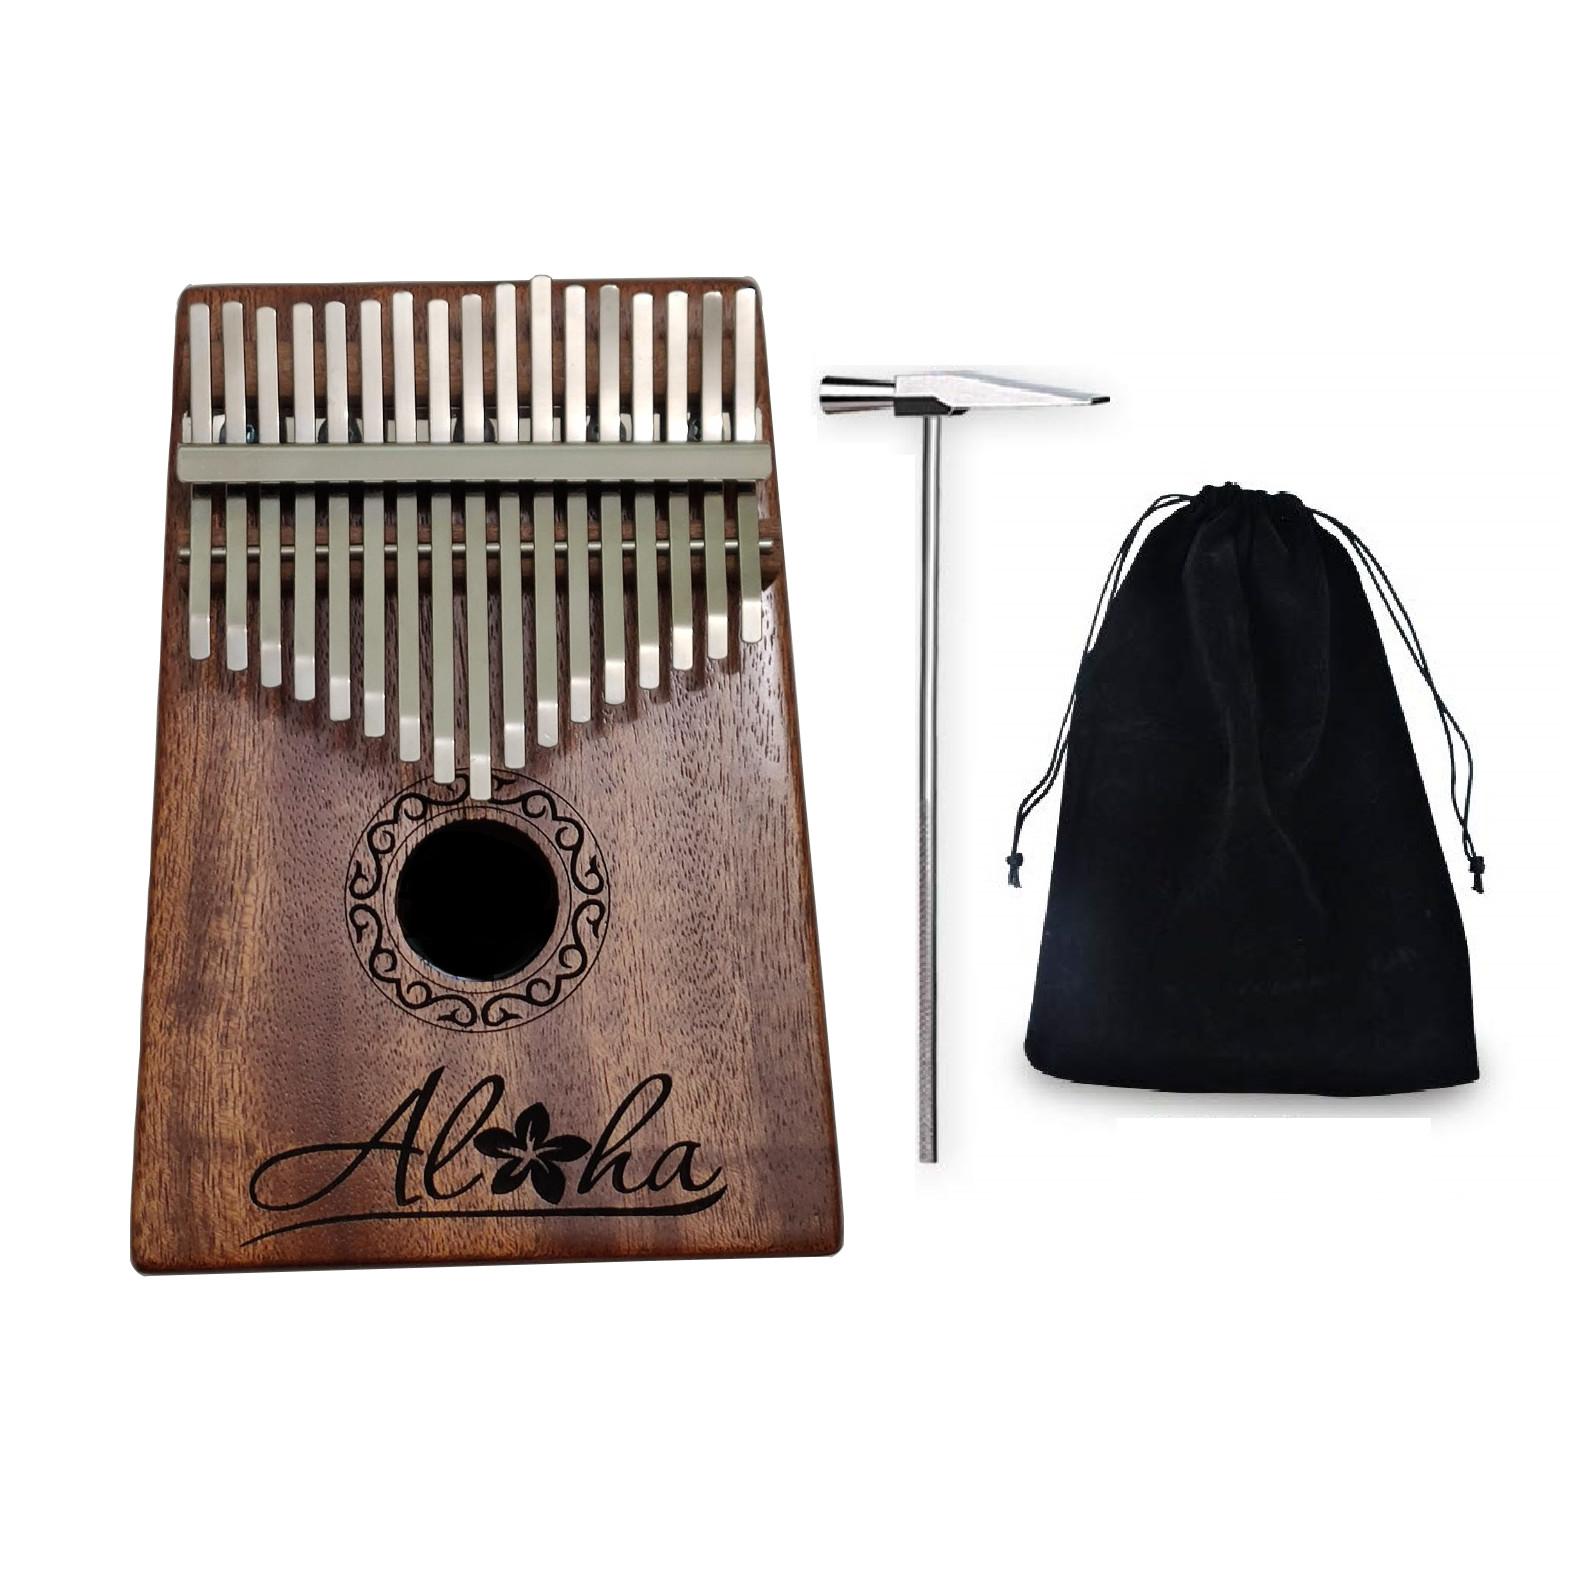 Kalimba 17 phím gỗ mahagony phủ sơn bóng cao cấp khắc chữ Aloha KLALO00017- Tặng túi nhung, đầy đủ phụ kiện